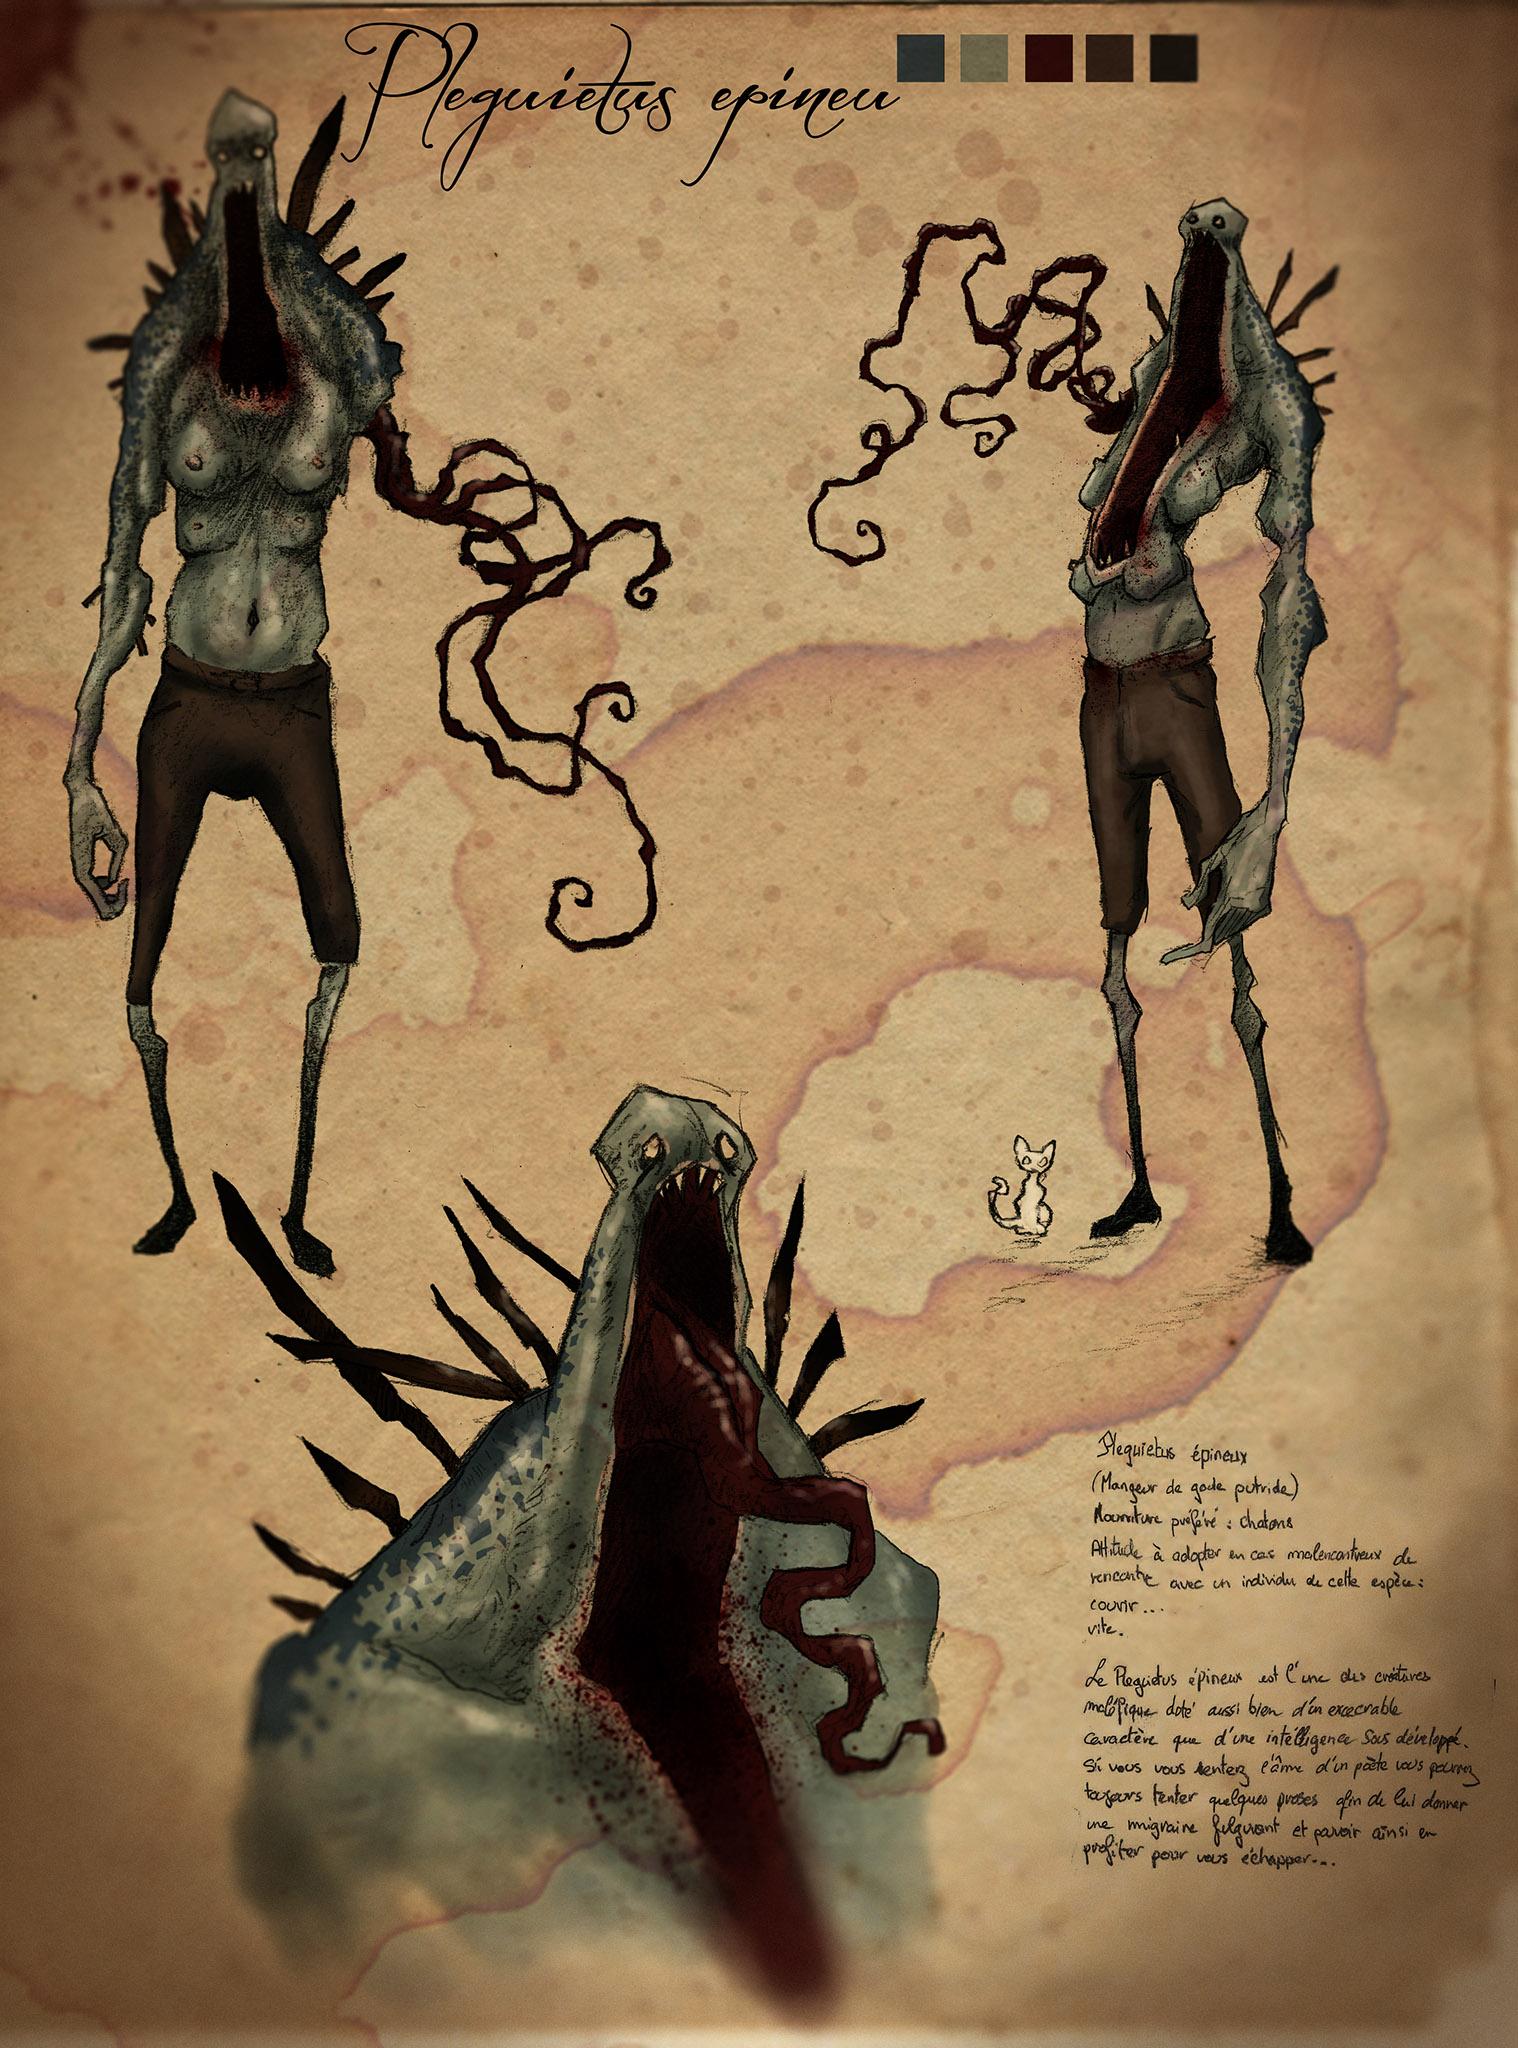 Arthur_Segura_draws_Monster_01